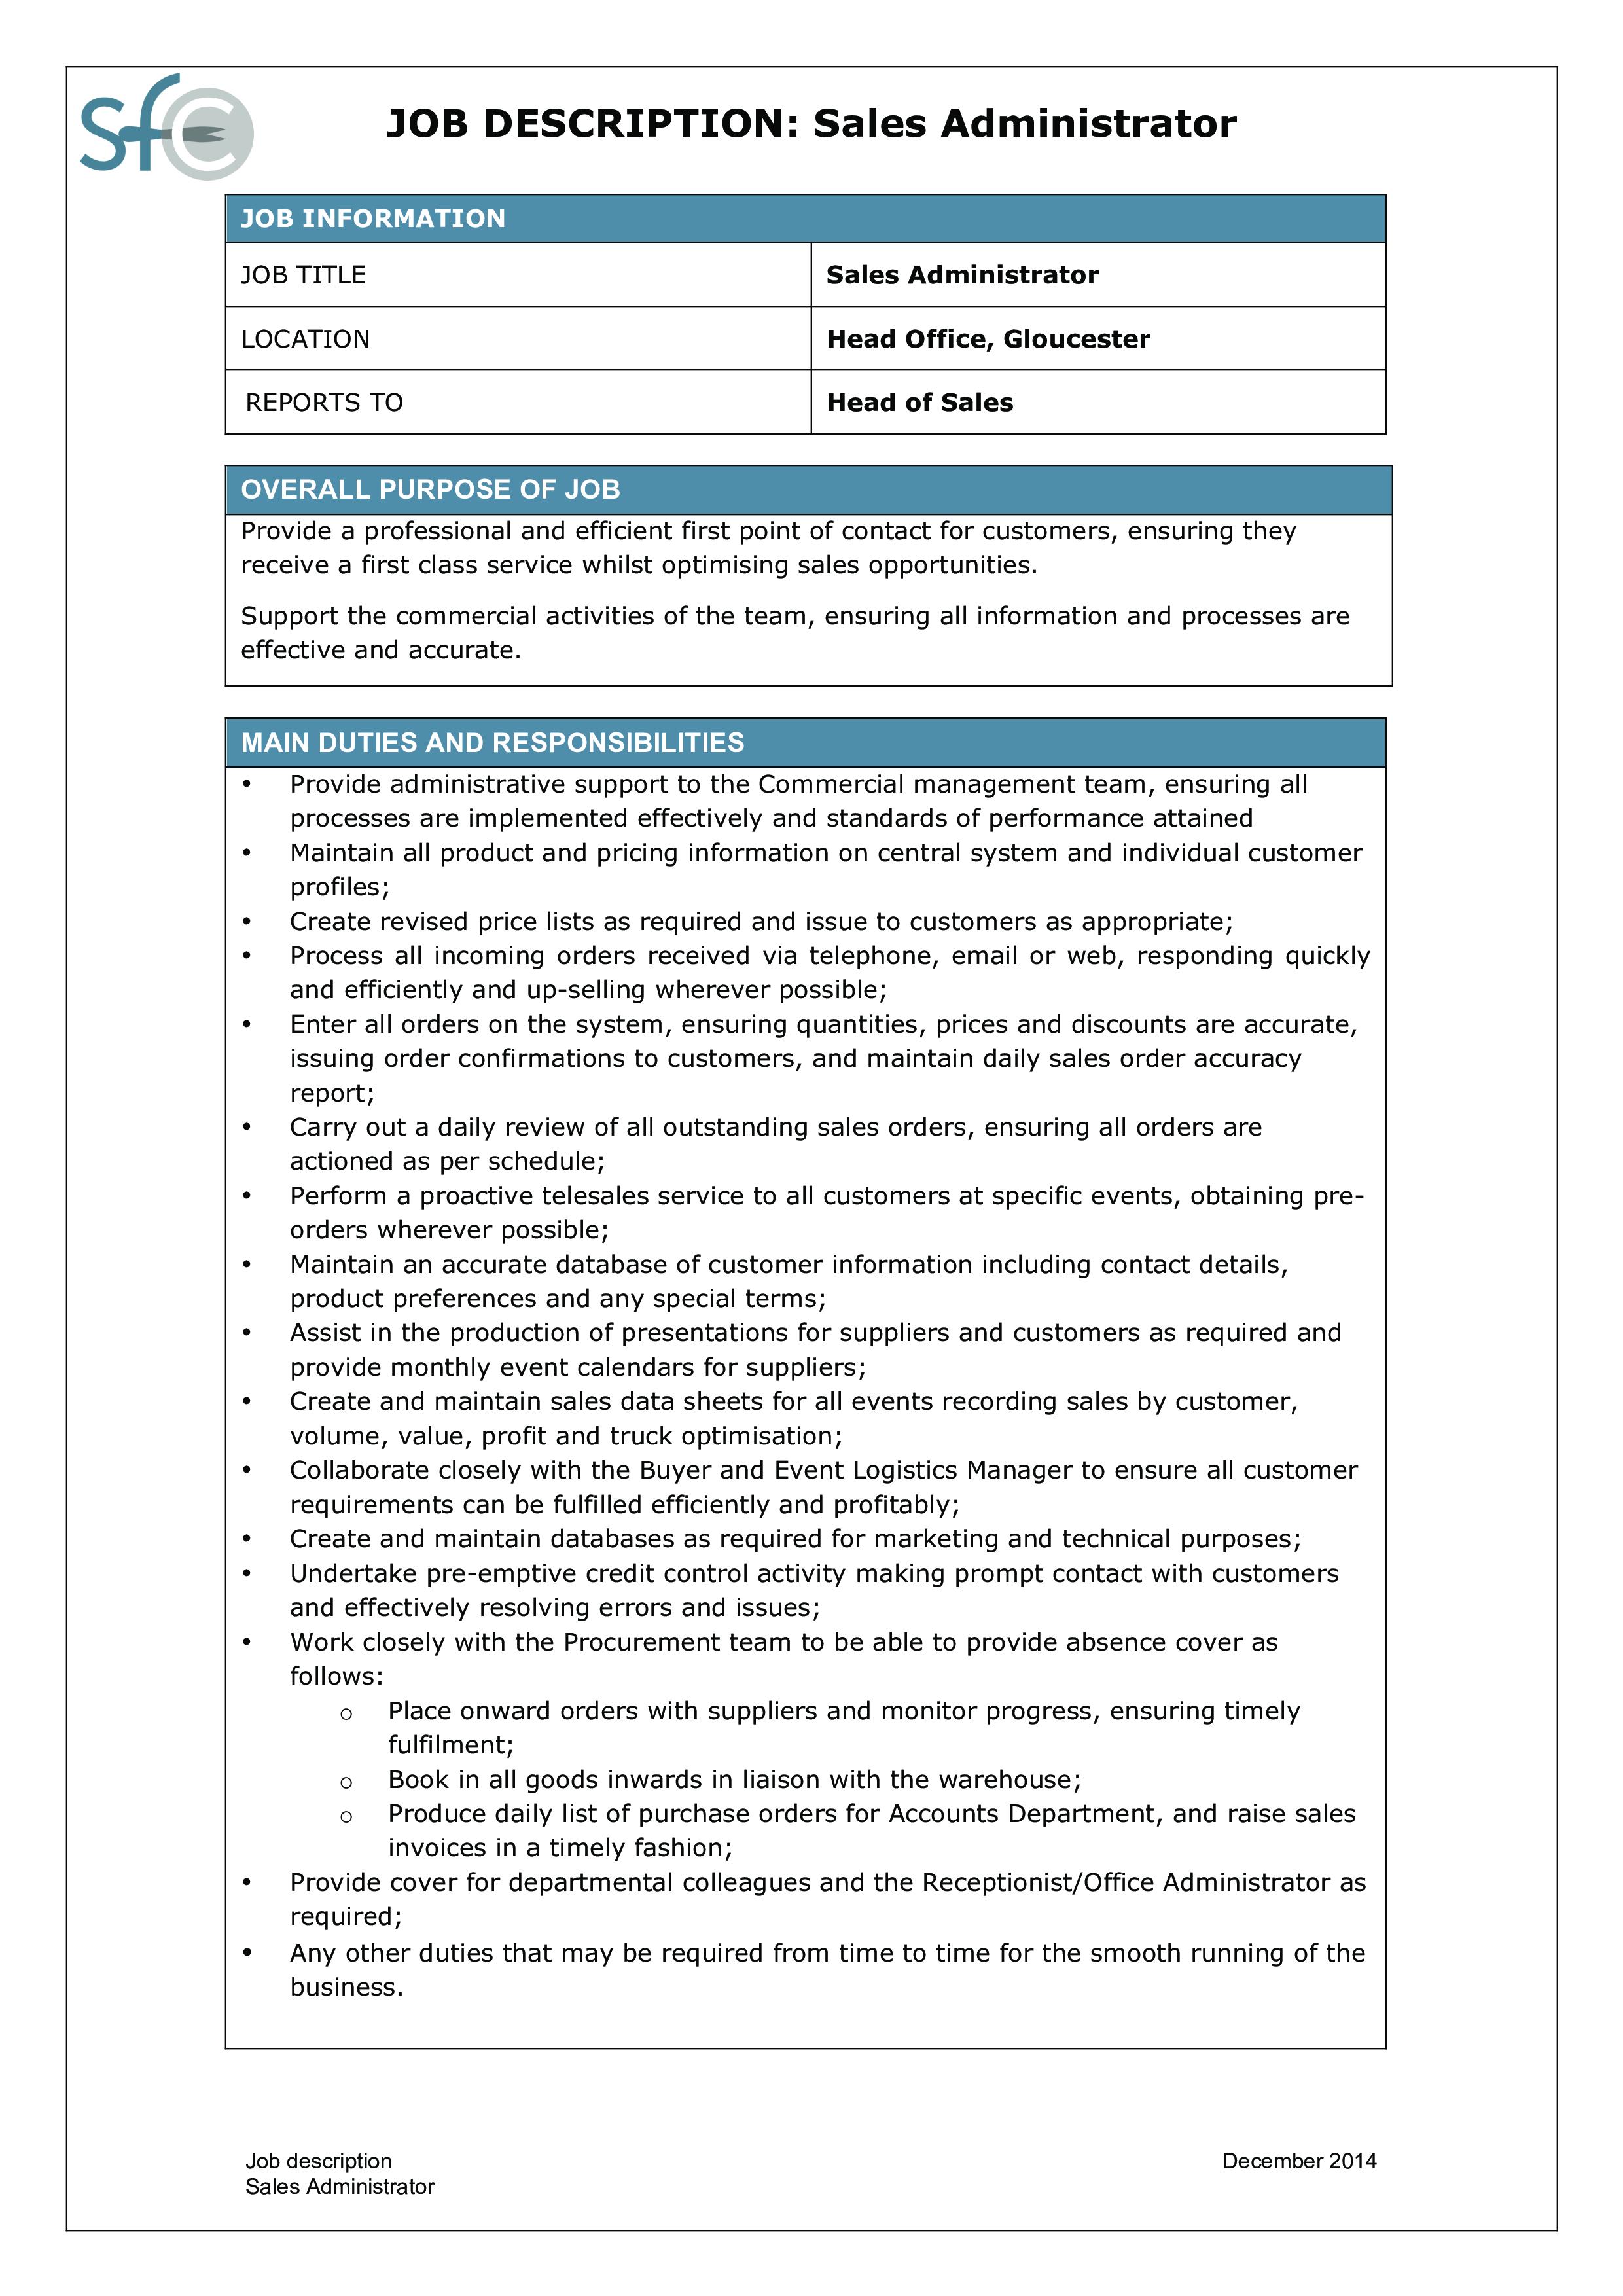 Sales Administrator Job Description Templates At